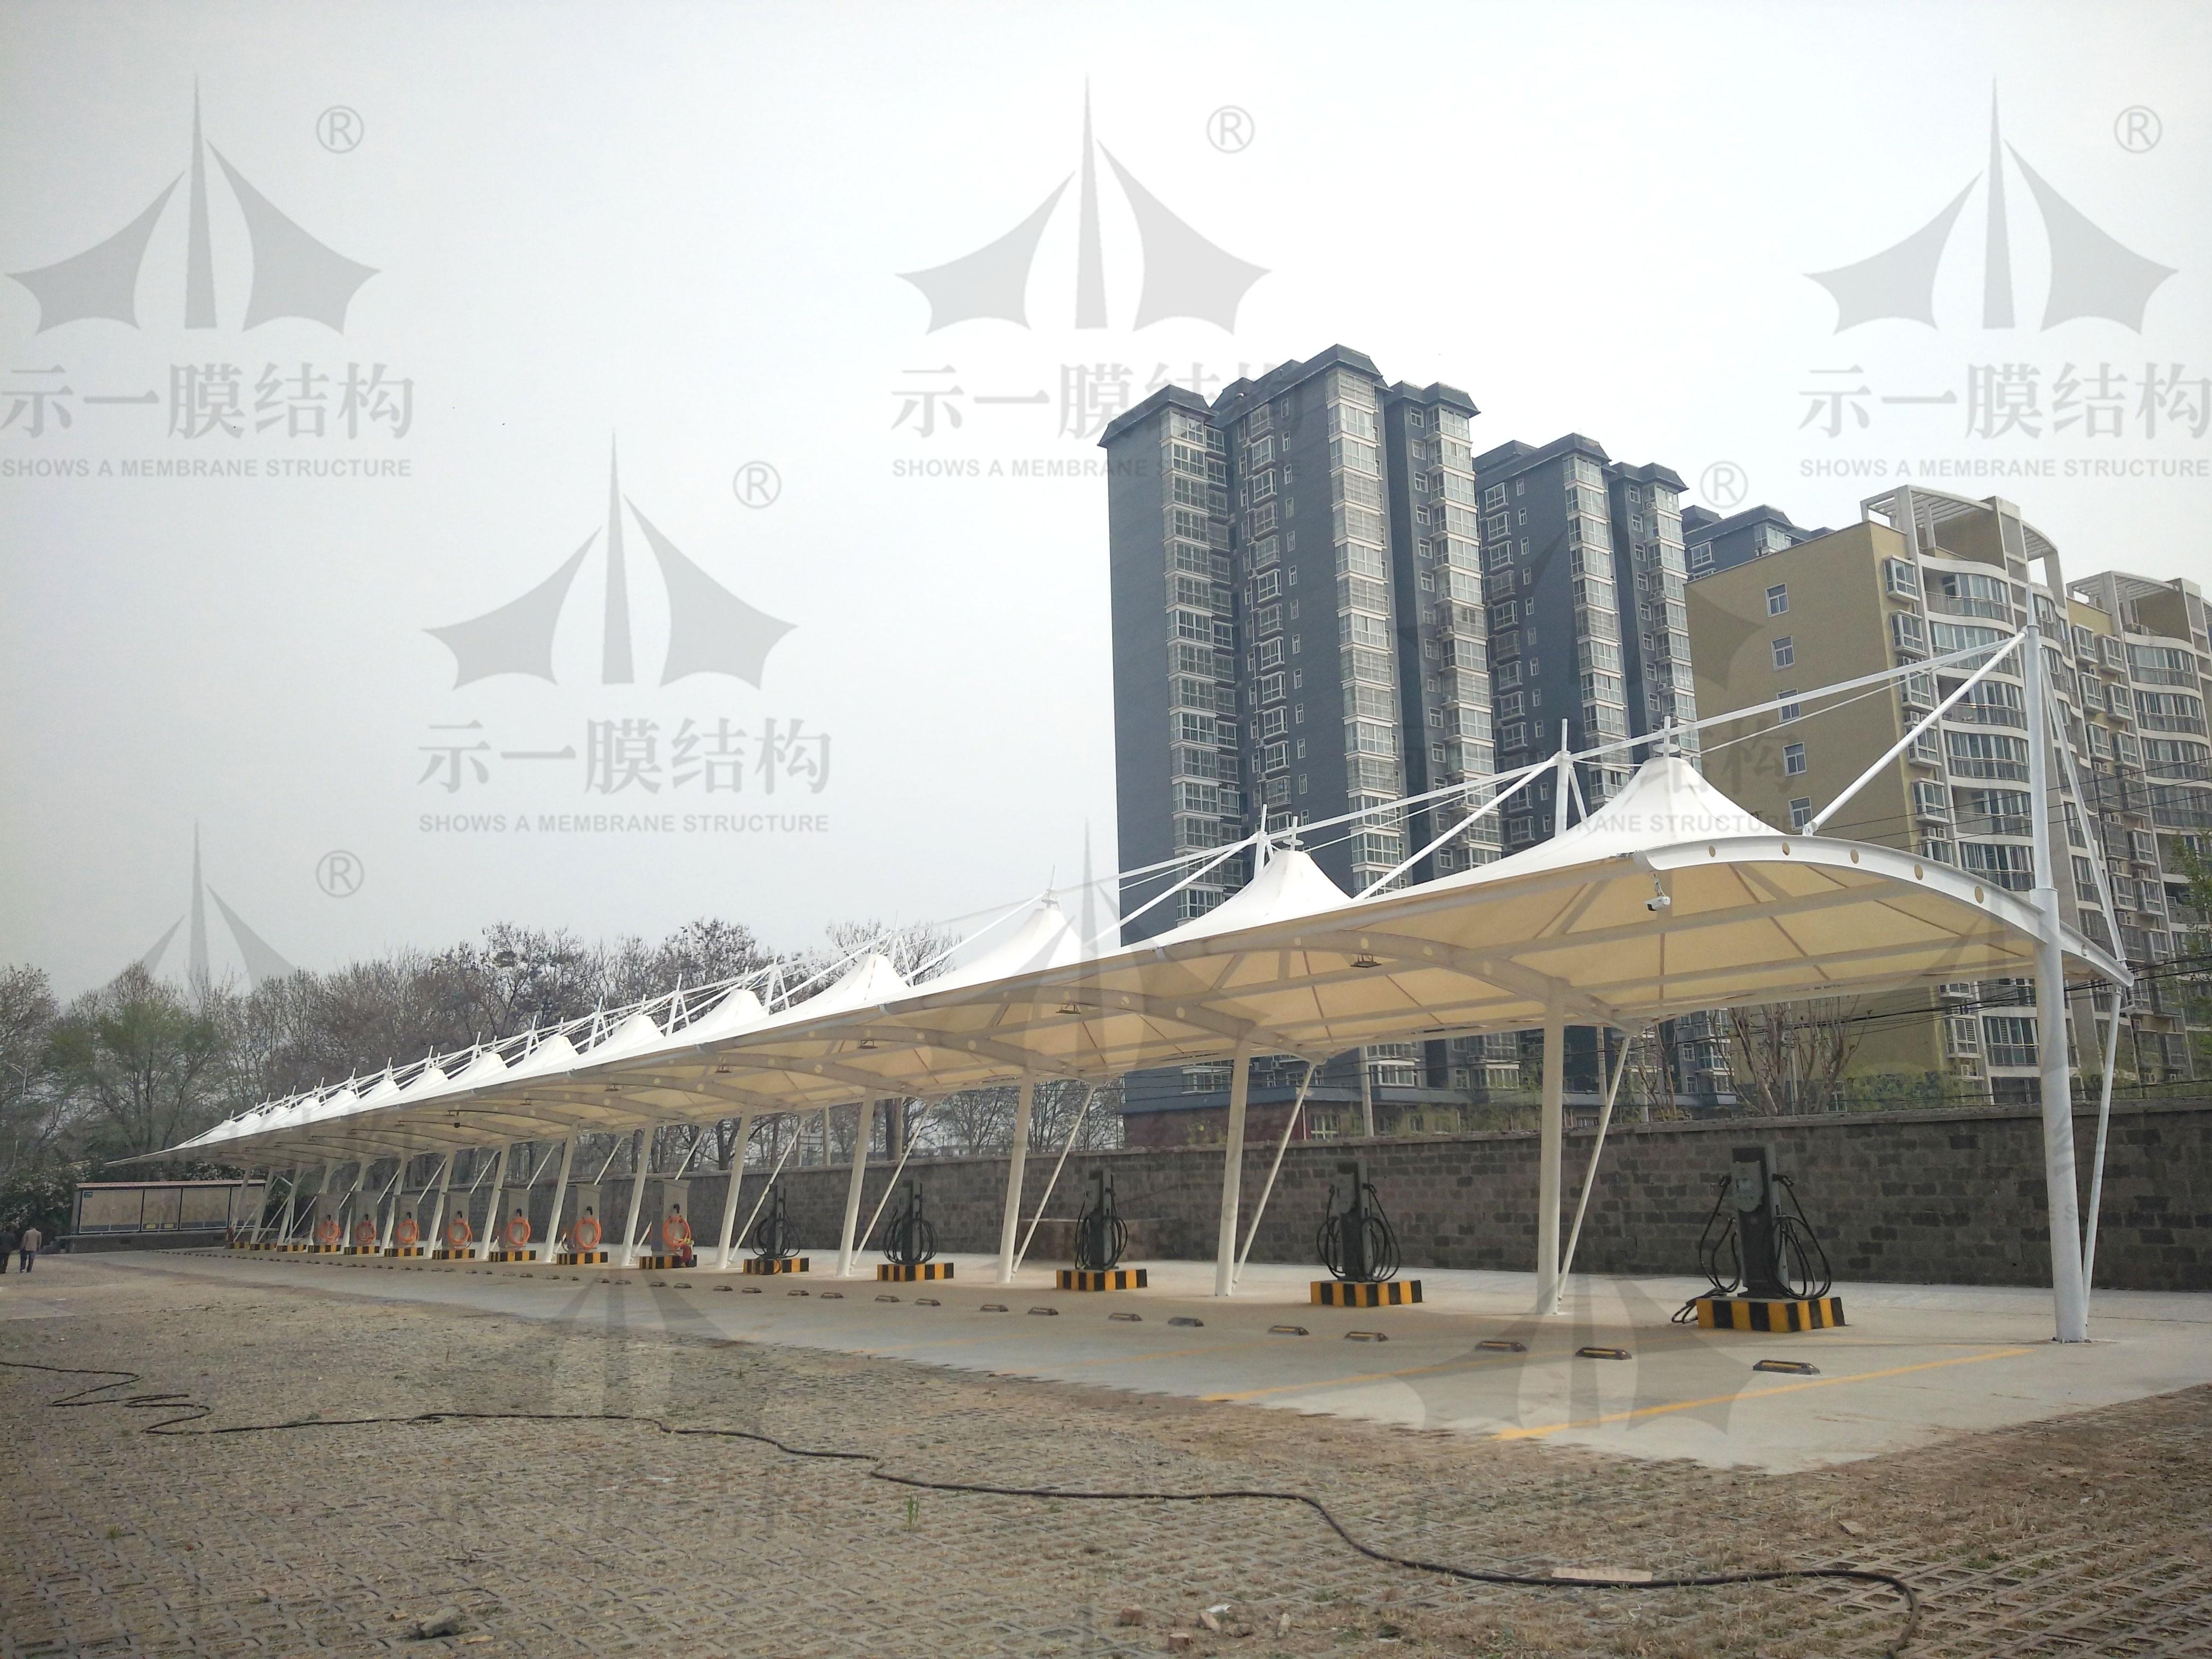 上海示一膜结构安阳公交公司充电桩雨棚